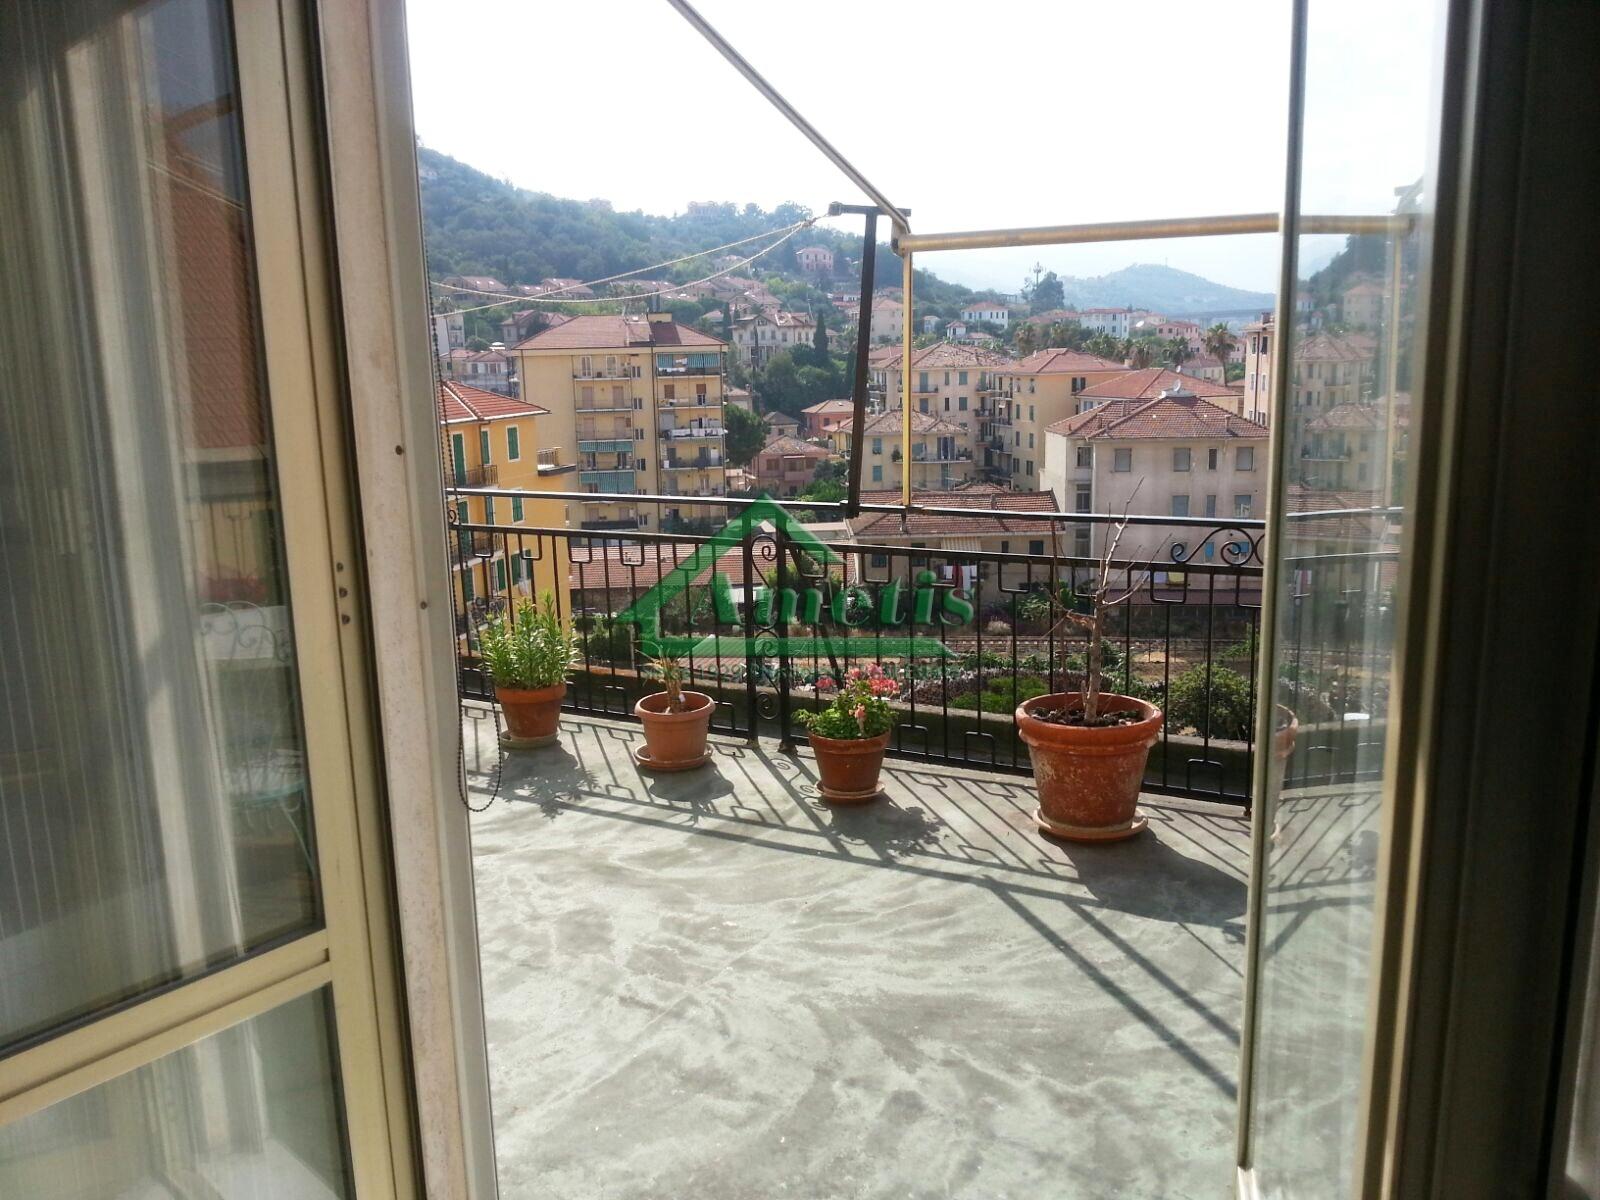 Appartamento in affitto a Imperia, 3 locali, zona Località: PortoMauriziocentro, prezzo € 500   CambioCasa.it